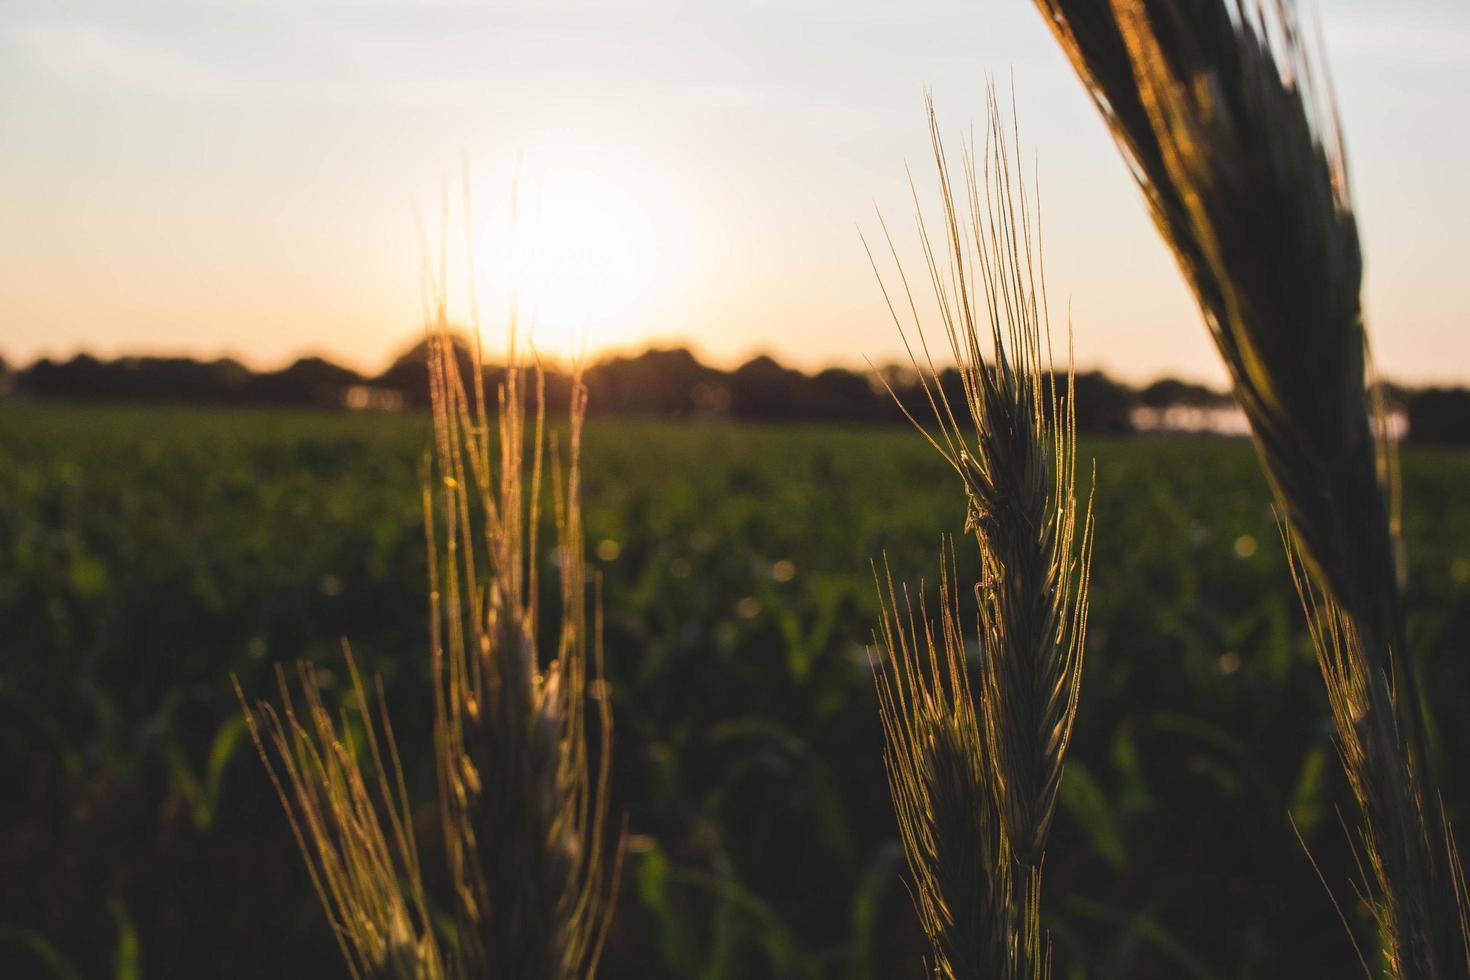 campo de trigo al atardecer foto